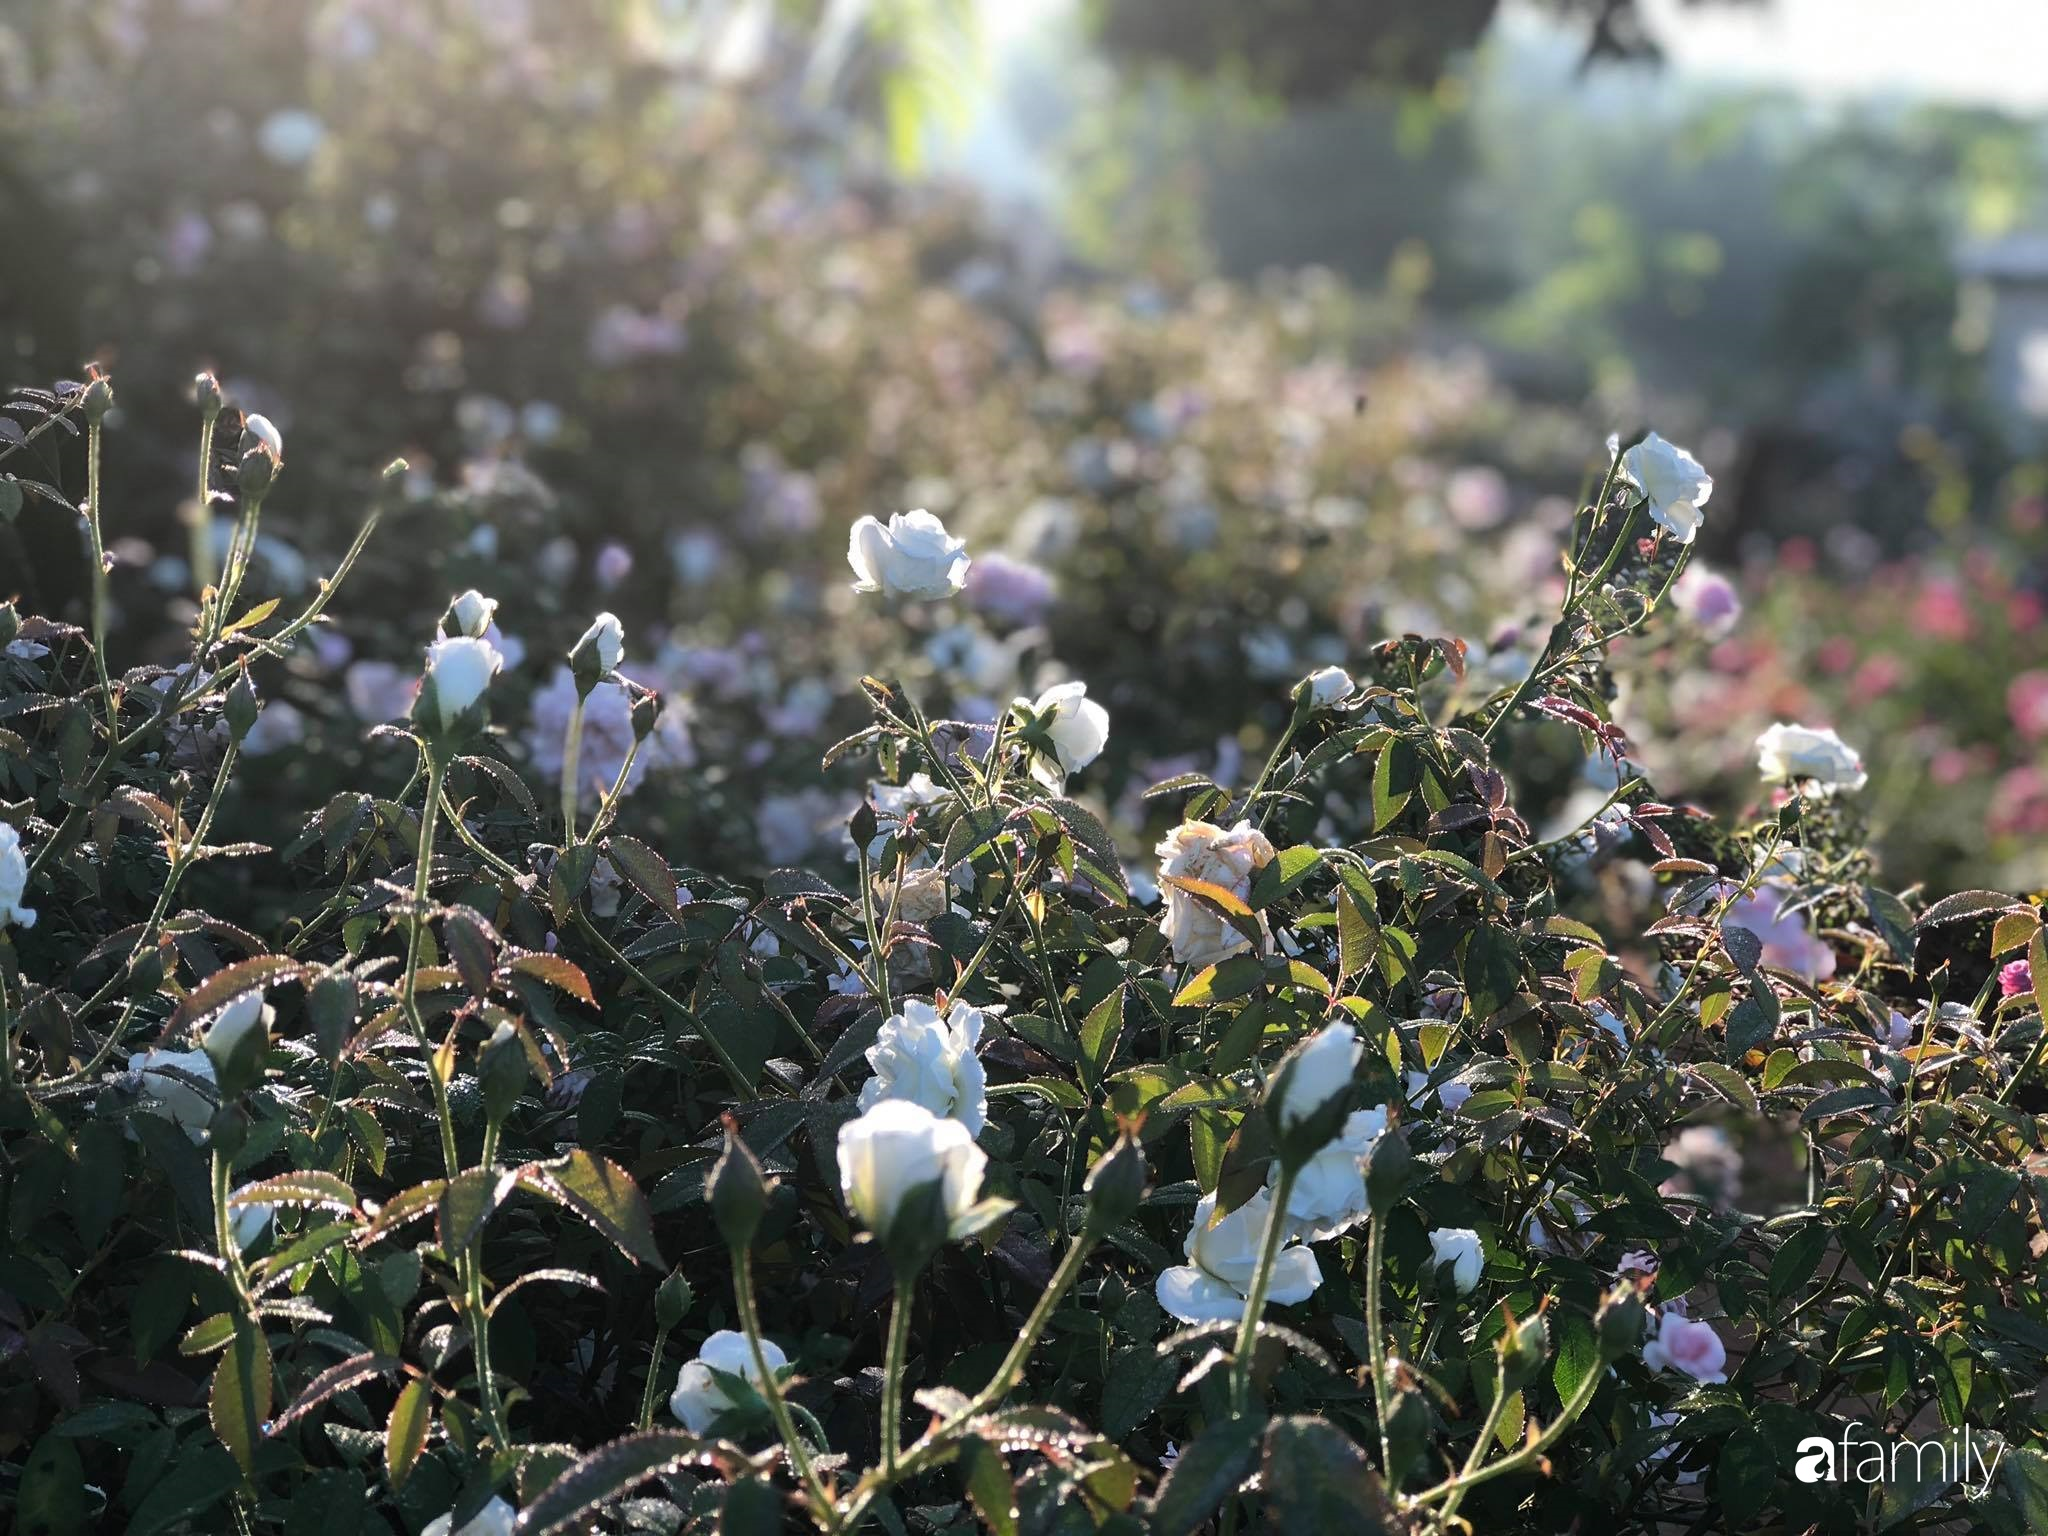 Khu vườn hoa hồng đẹp như cổ tích mà người chồng ngày đêm chăm sóc để tặng vợ con ở Vũng Tàu-35